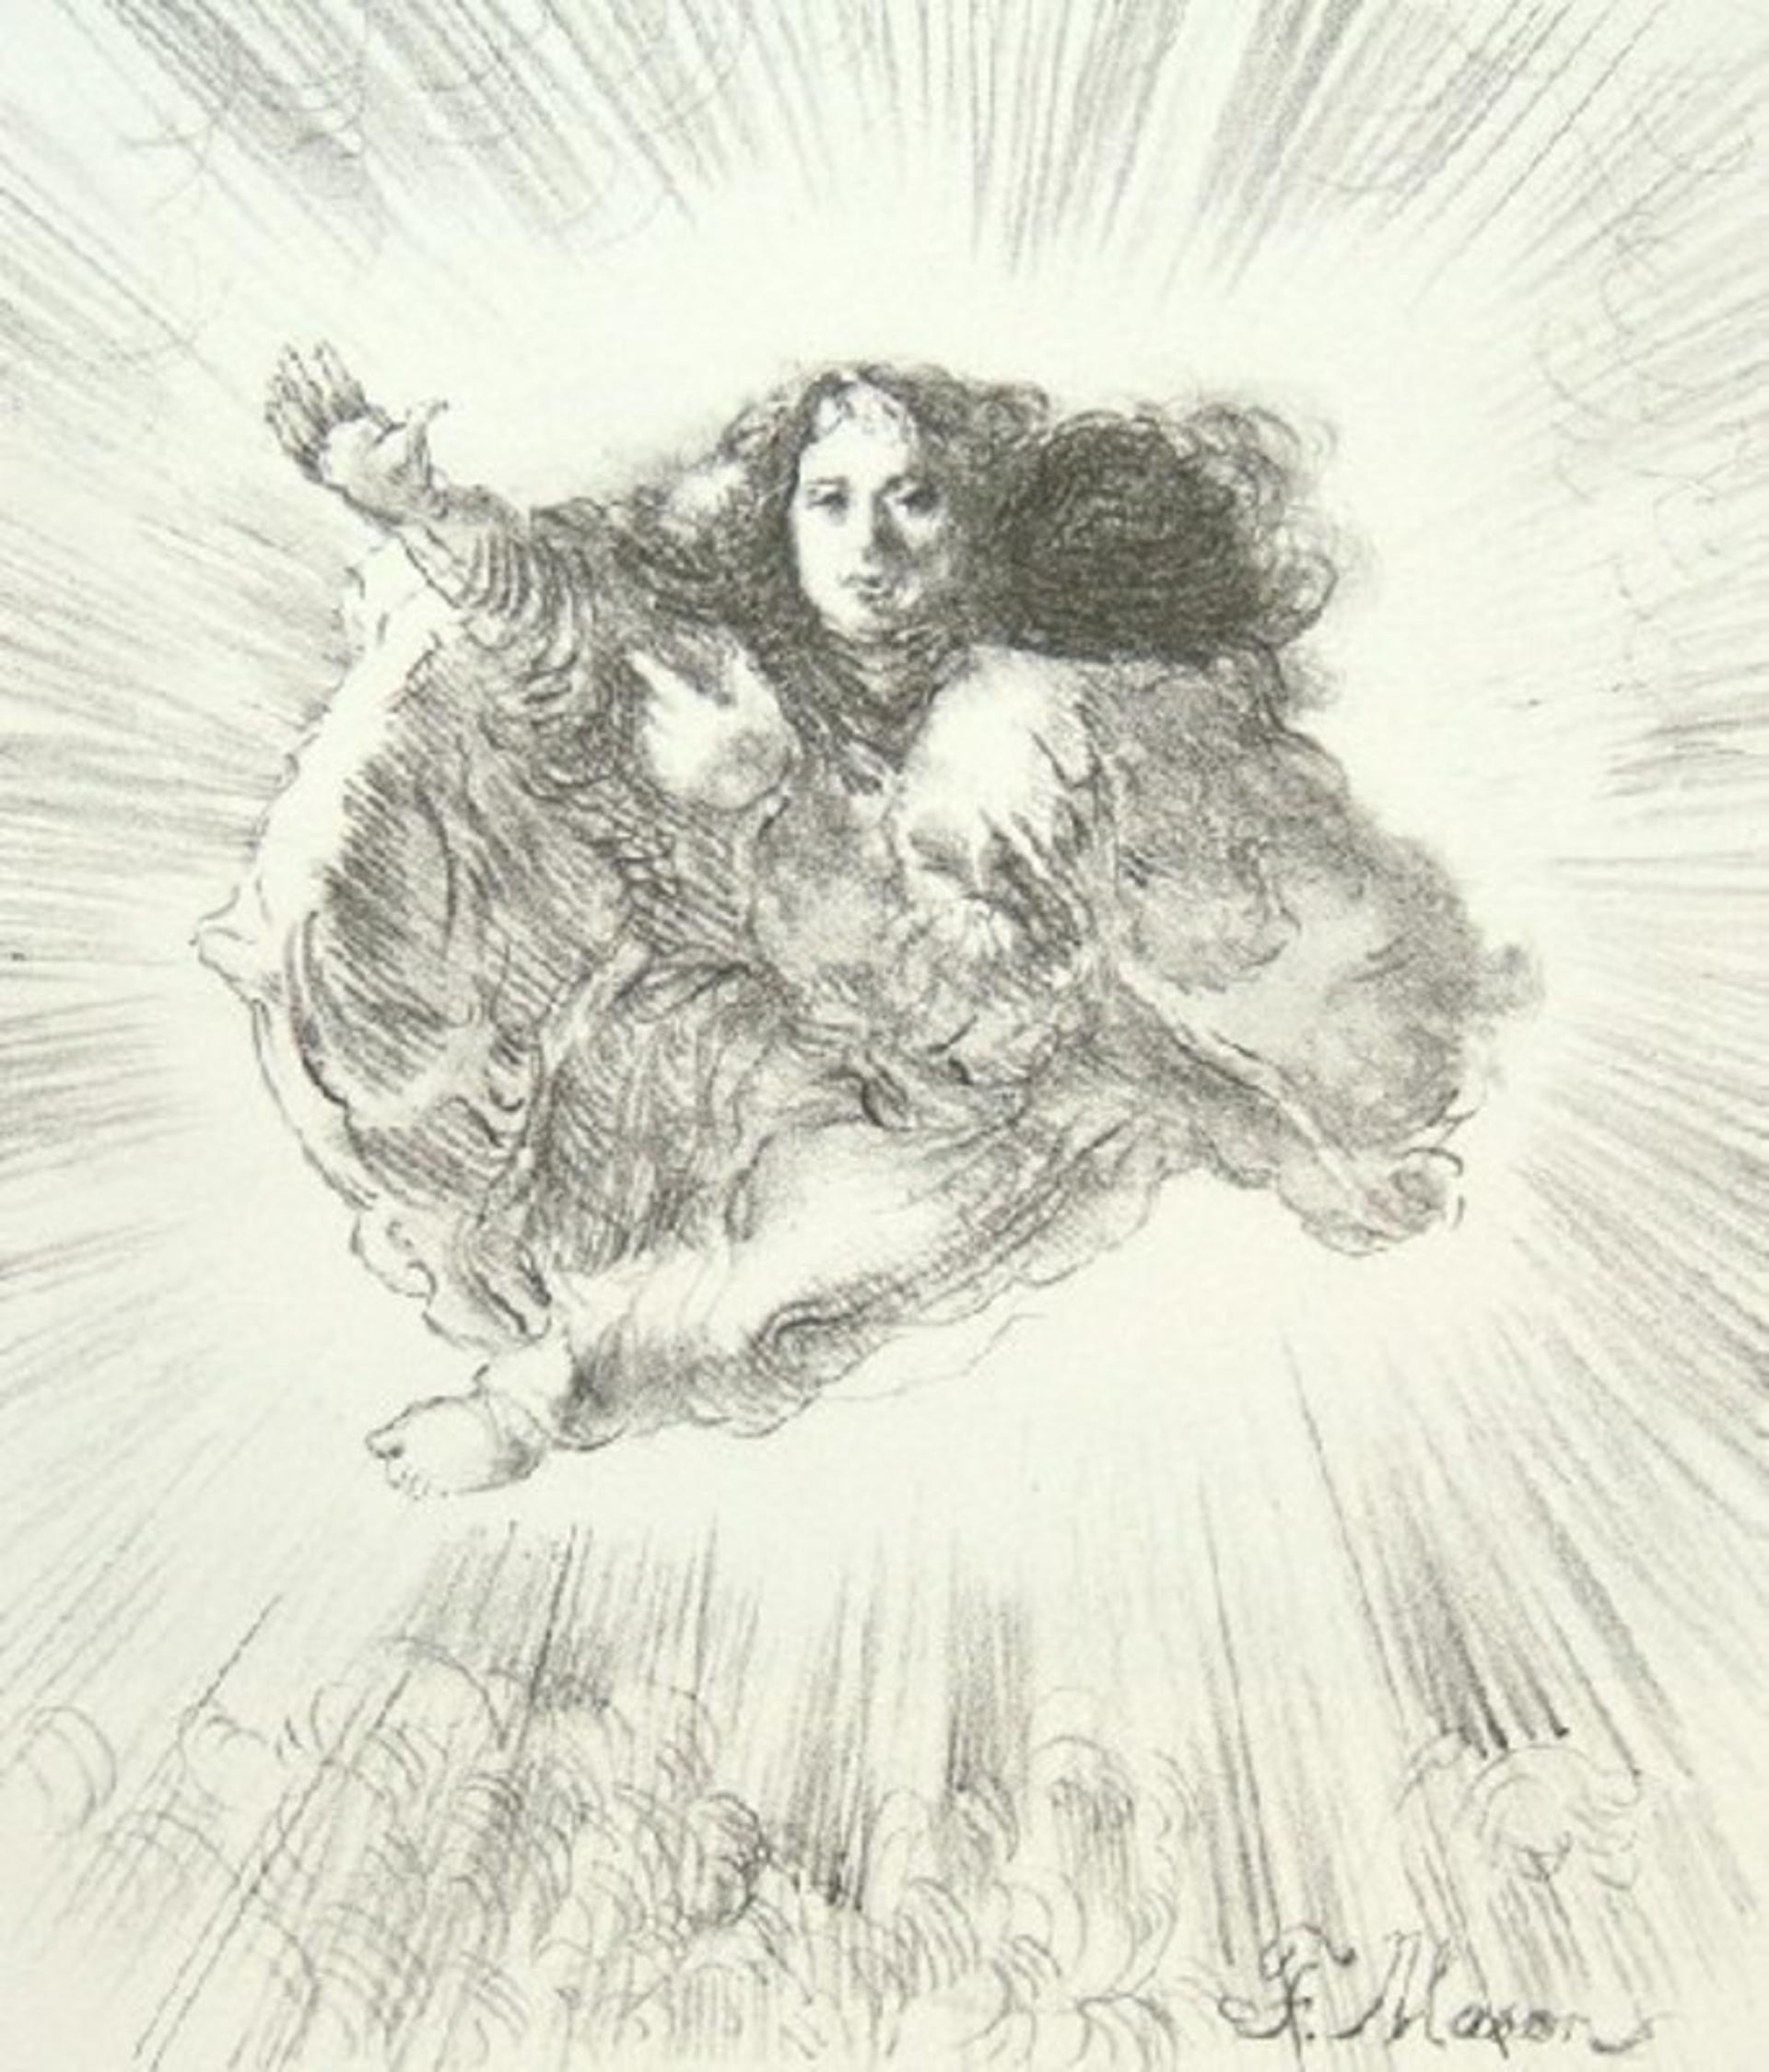 The Angel Gabriel by Frank Mason (1921 - 2009)